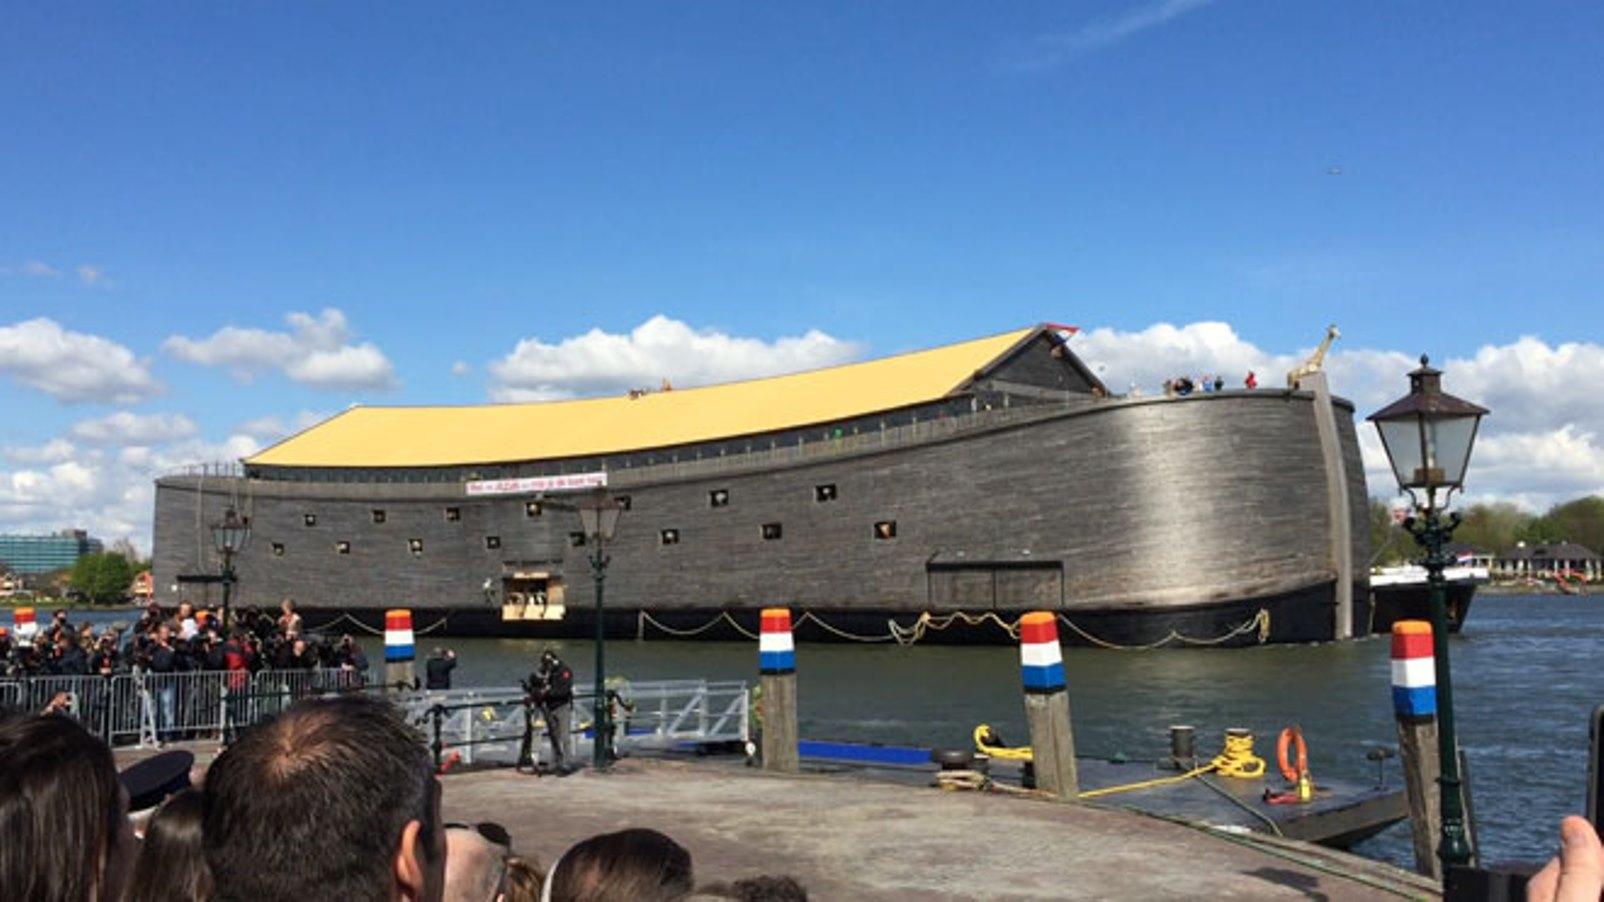 Cientos de miles de personas visitaron el Arca de Noé holandesa terminada en 2013. Foto: cortesía Fundación El Arca de Noé